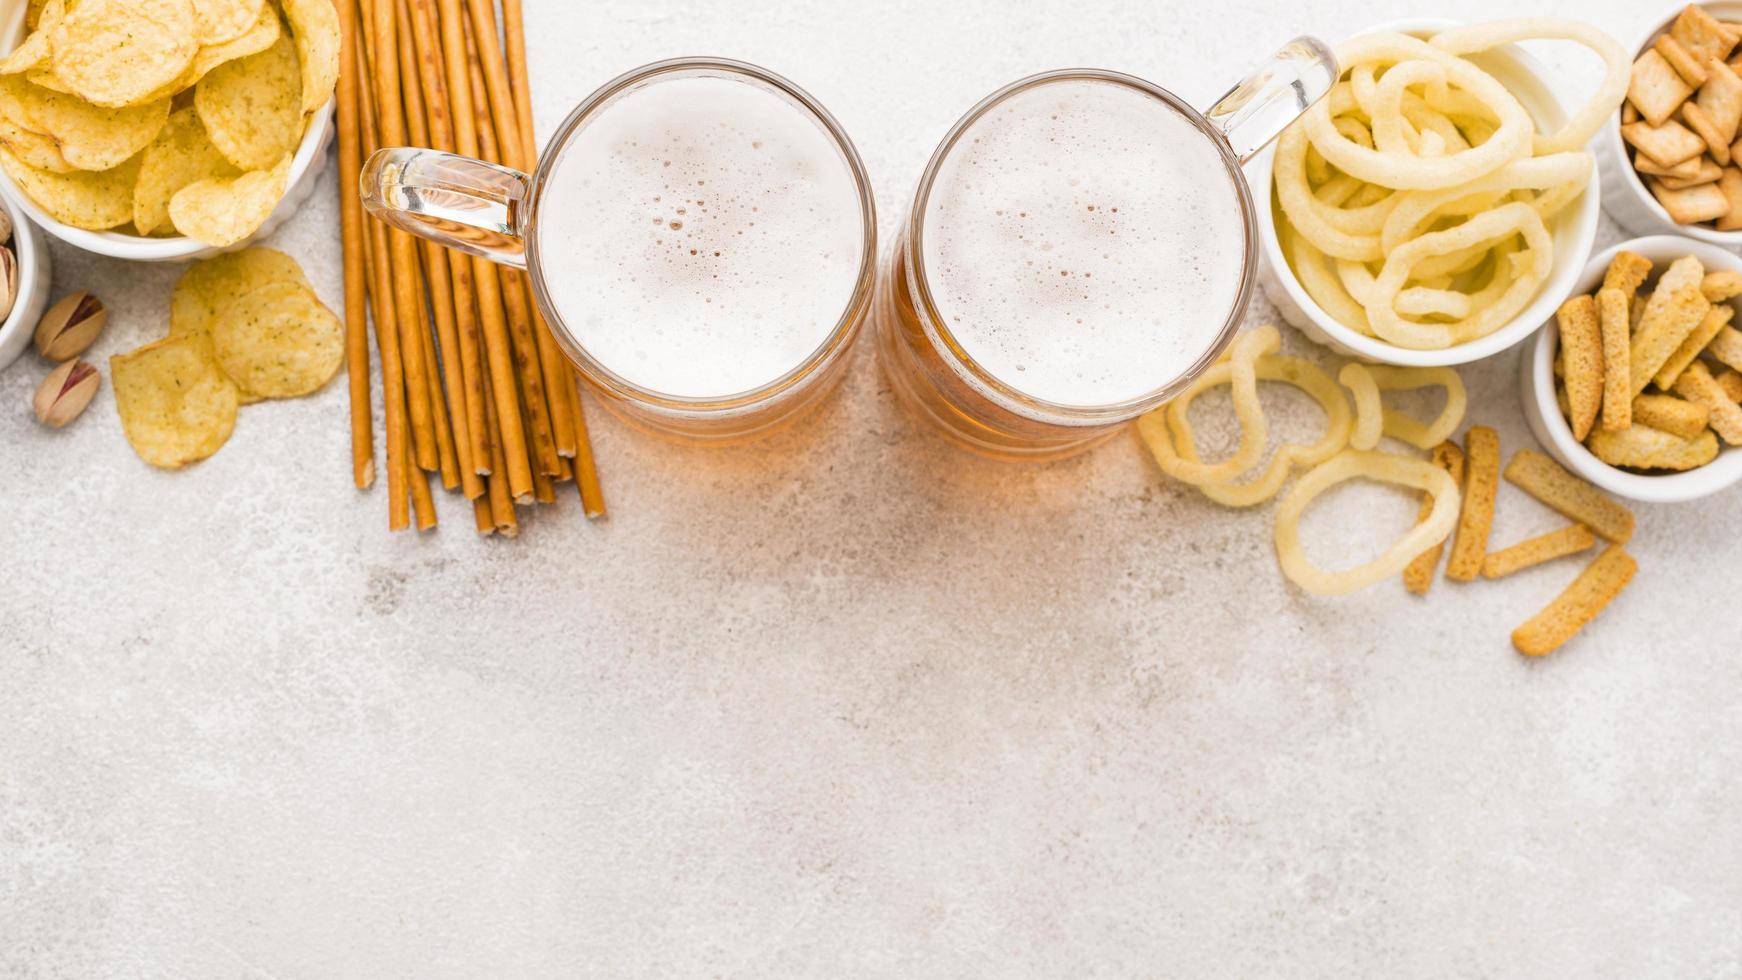 cerveja e salgadinhos com cópia espaço foto